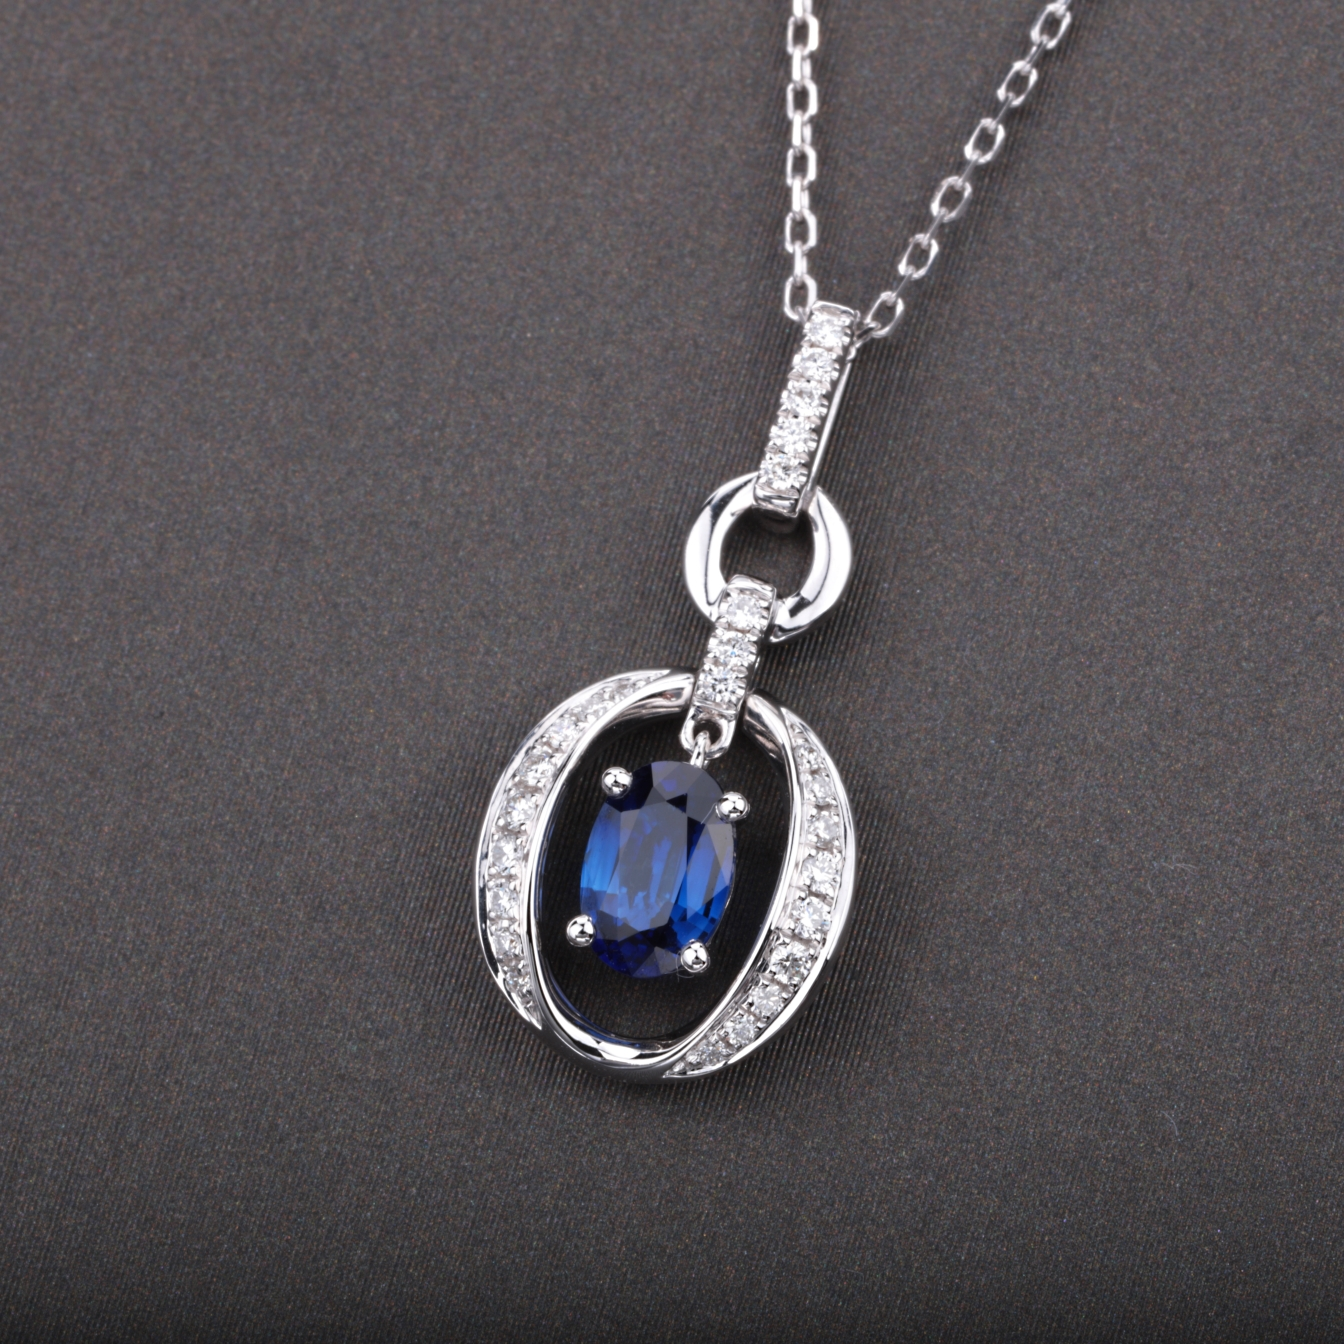 【吊坠】18k金+蓝宝石+钻石  宝石颜色纯正(不含链子) 货重:1.76g  主石:0.54ct